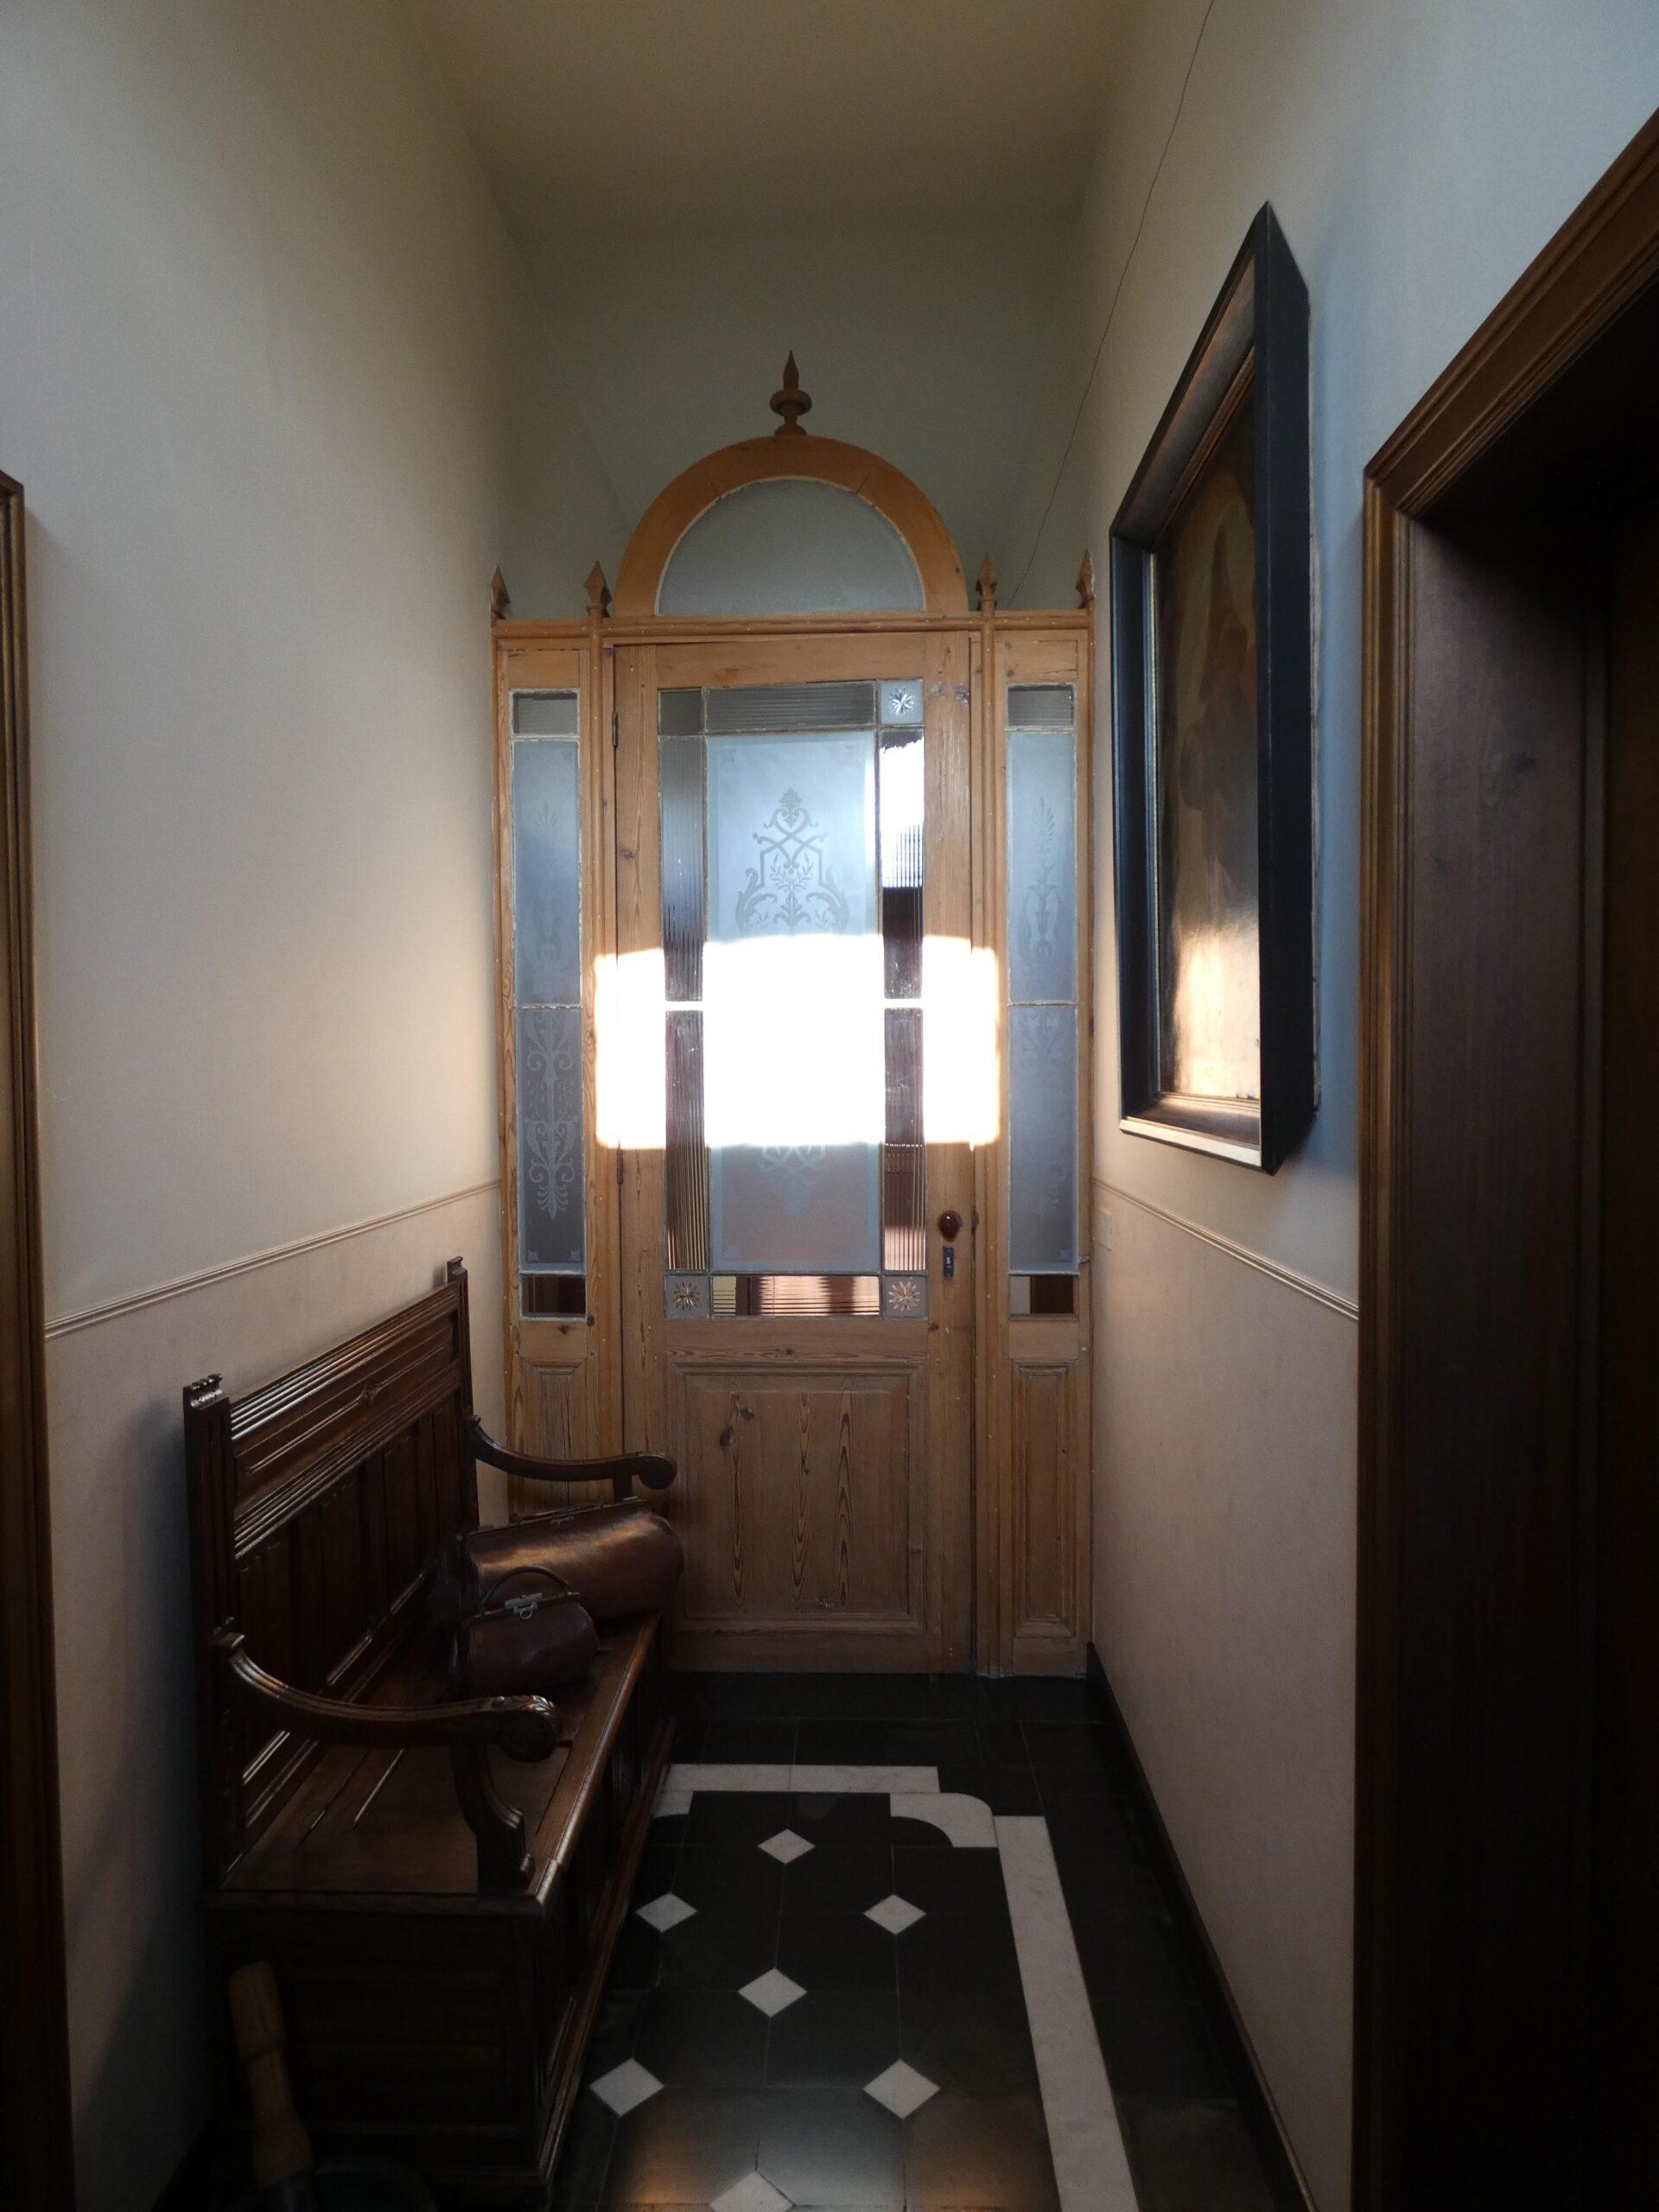 Magnifieke marmeren hal met marmeren tegels en tochtdeur met geëtst glas